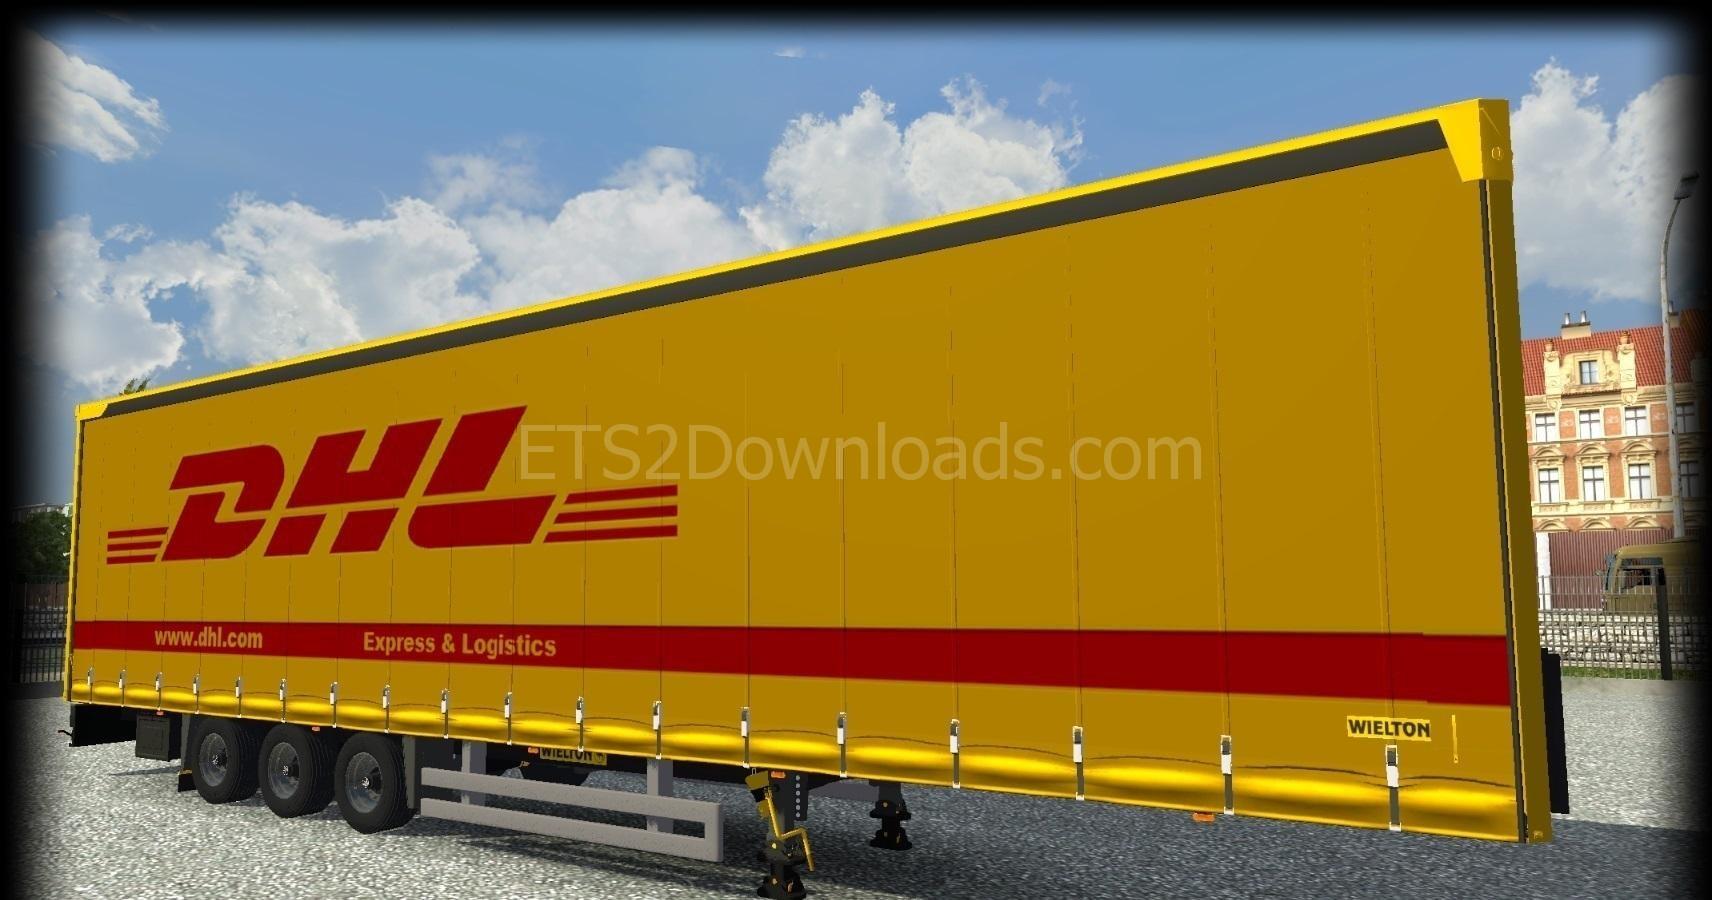 wielton-dhl-trailer-ets2